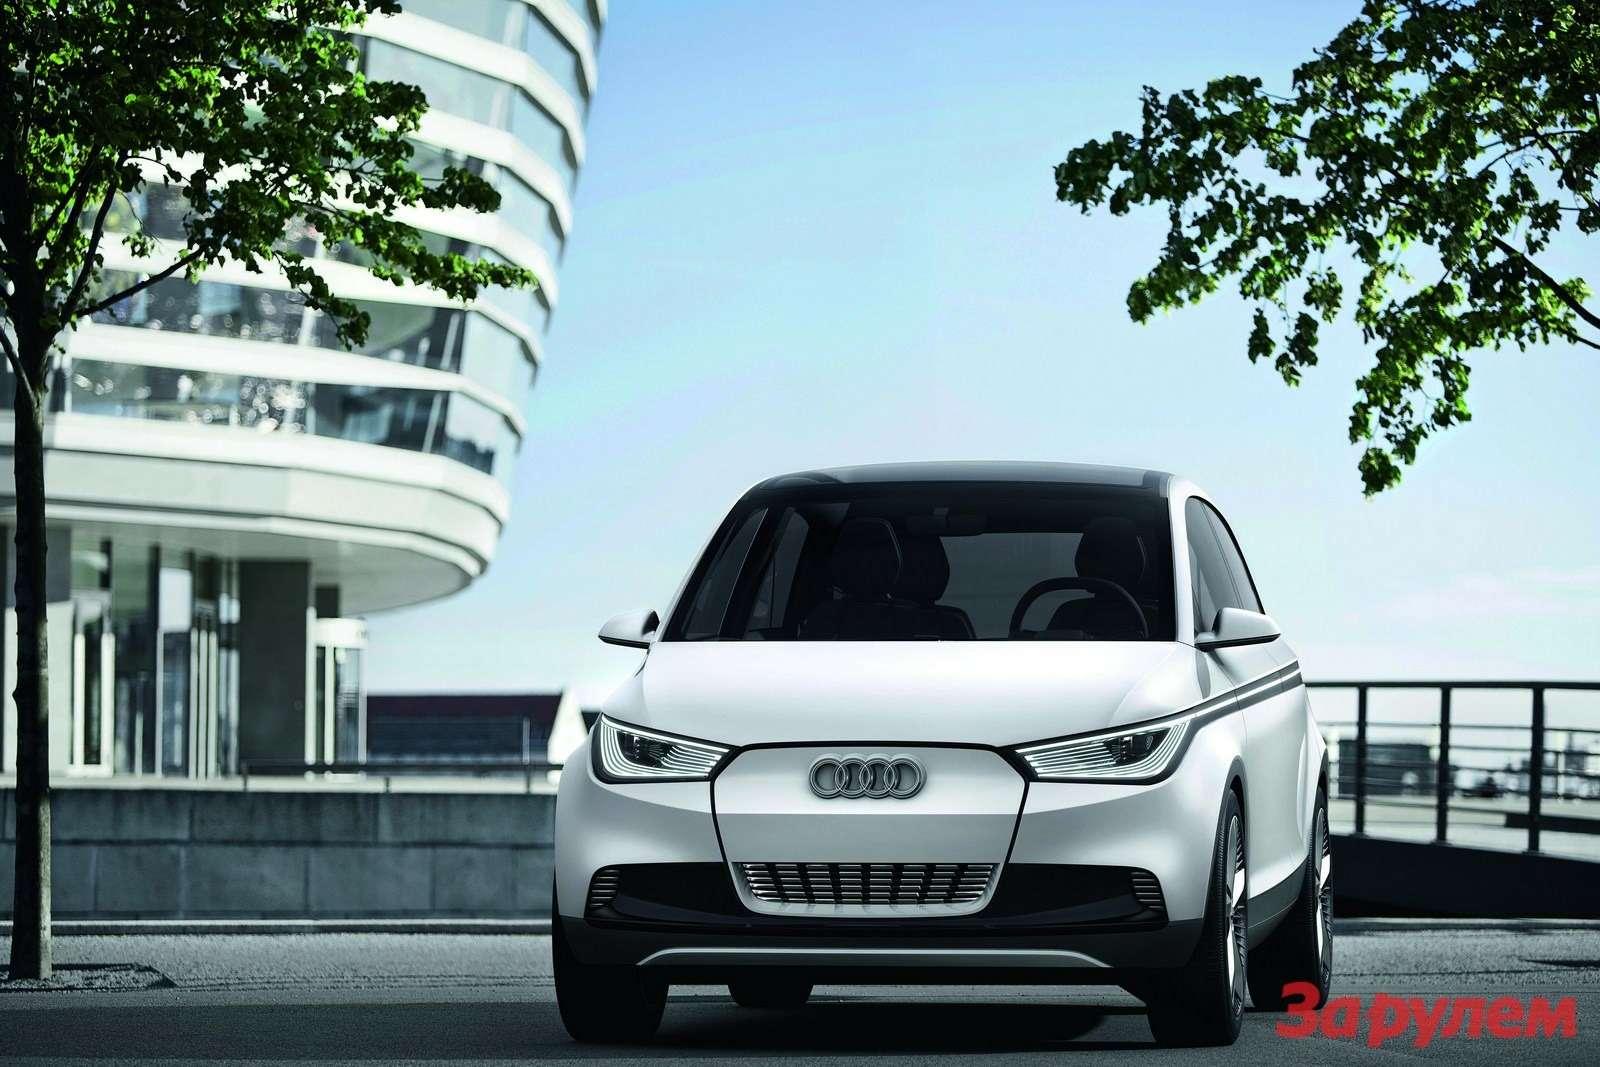 Audi_A2-Concept-2